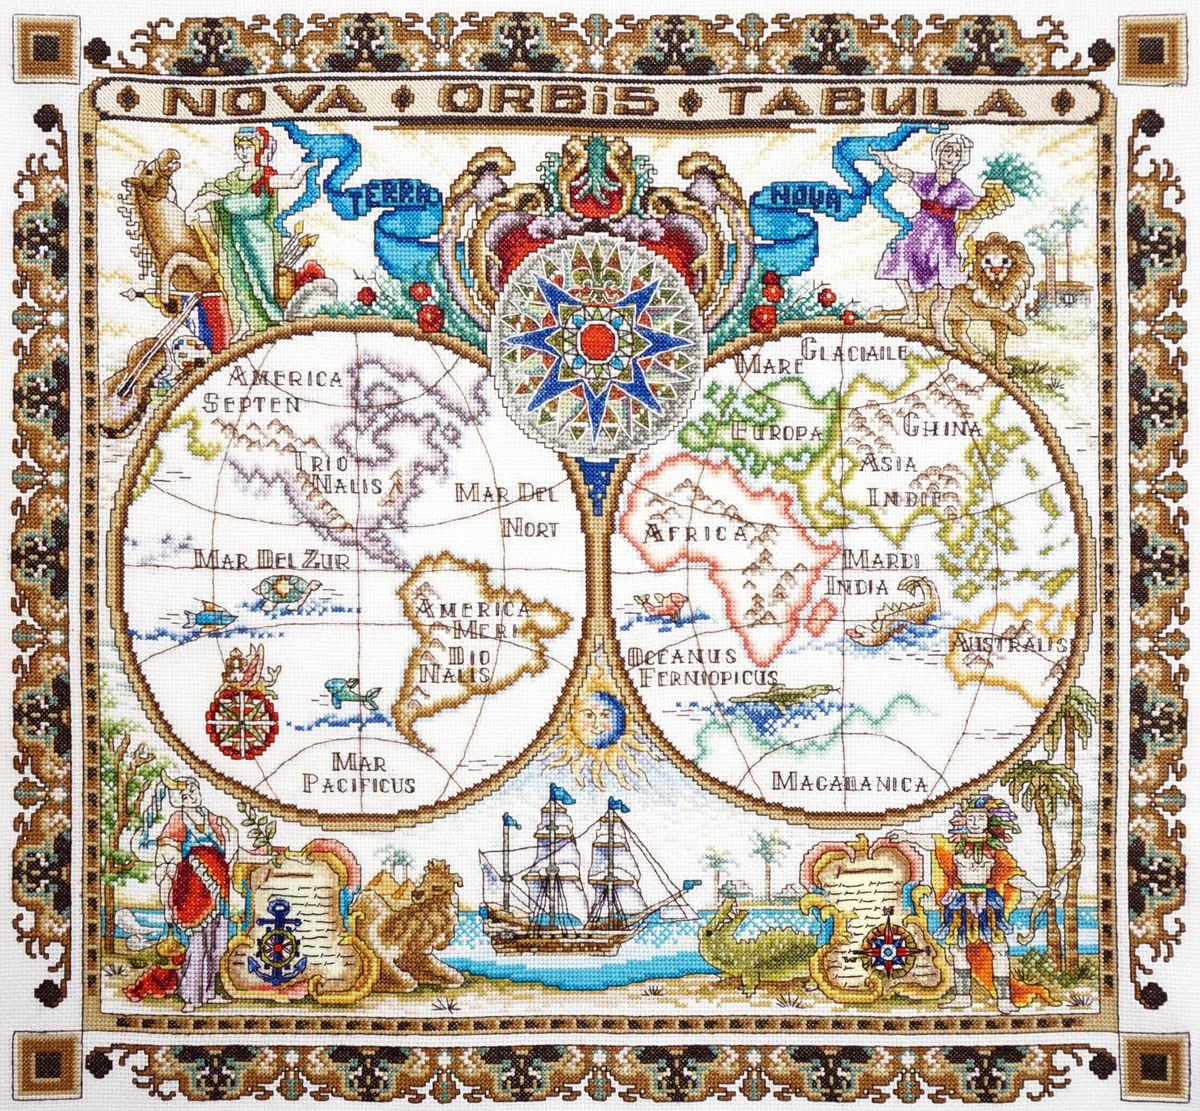 Набор для вышивания крестом Марья Искусница Карта мира, 50 х 45 см11.005.03Набор для вышивания крестом Марья Искусница Карта мира поможет создать красивую вышитую картину. Красивый и стильный рисунок-вышивка, выполненный на канве, выглядит оригинально и всегда модно. Работа, сделанная своими руками, создаст особый уют и атмосферу в доме и долгие годы будет радовать вас и ваших близких. А подарок, выполненный собственноручно, станет самым ценным для друзей и знакомых. В наборе есть все необходимое для создания вышивки на канве в технике счетный крест. В набор входит: - канва Aida Zweigart №14 (белого цвета), - мулине Finca (54 цвета), - черно-белая символьная схема, - инструкция на русском языке, - игла. Размер готовой работы: 50 х 45 см. Размер канвы: 57 х 52 см.